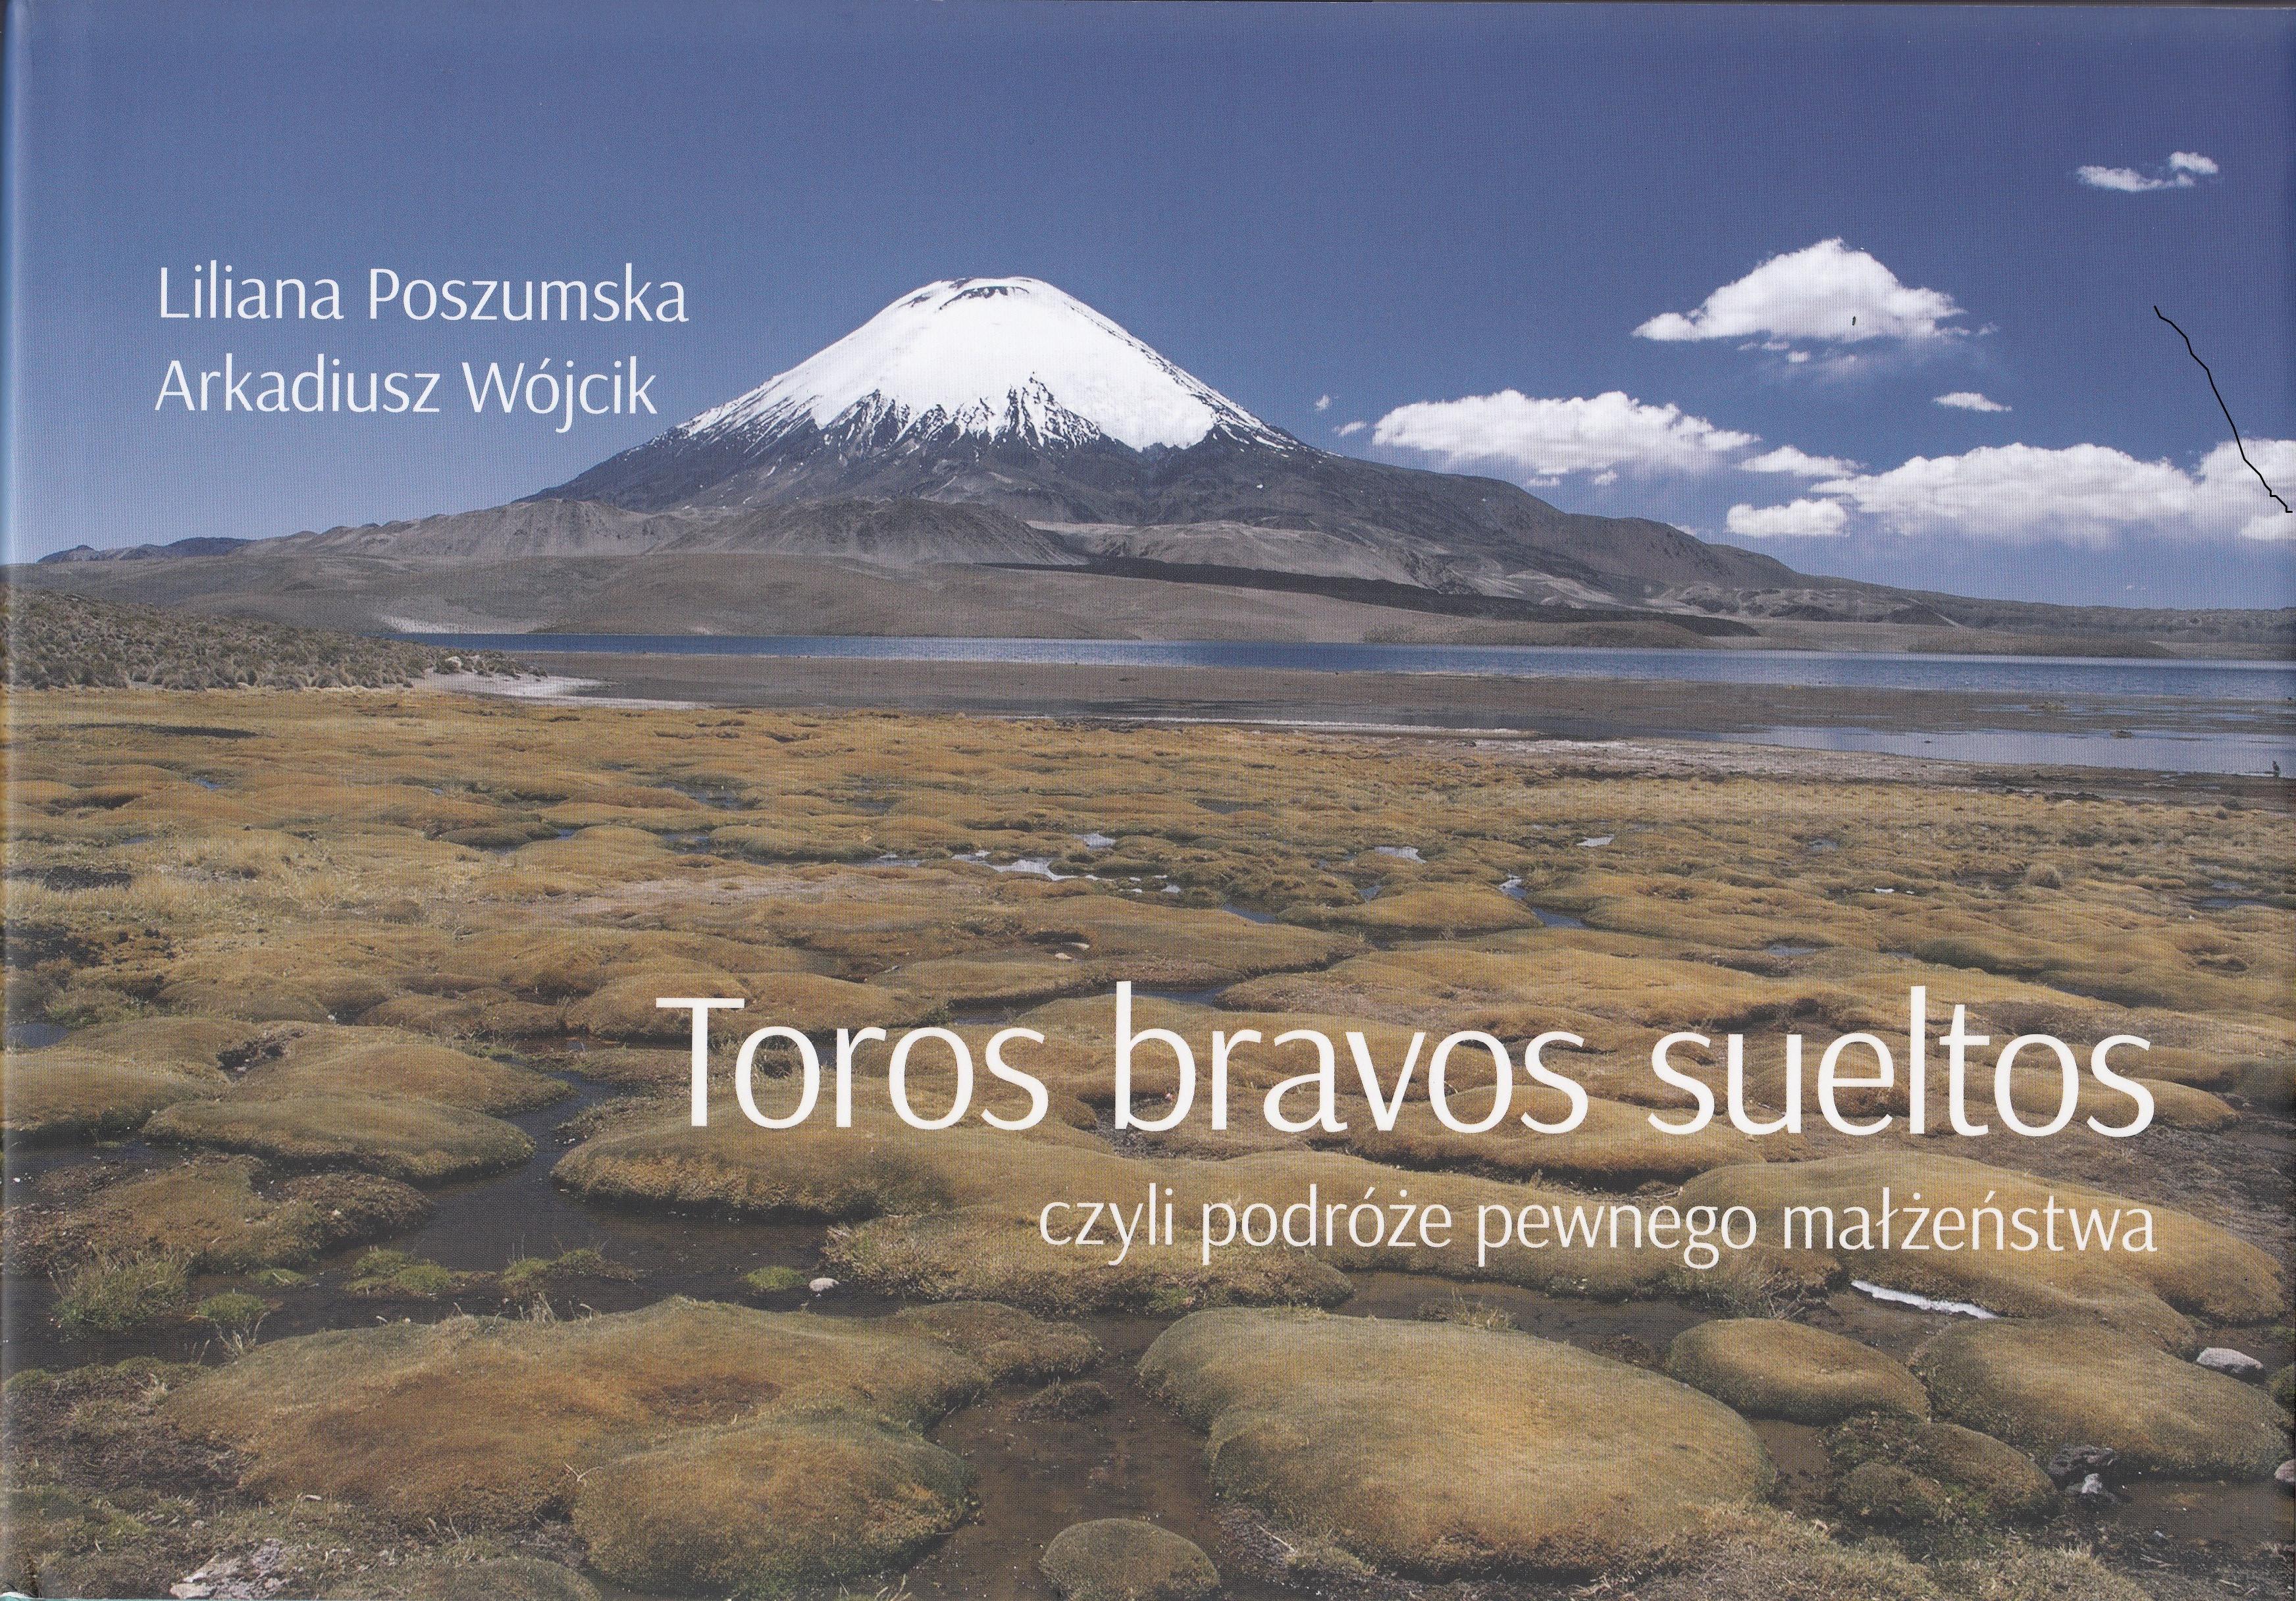 Toros bravos sueltos czyli podróże pewnego małżeństwa (wers. pol./hisz.)